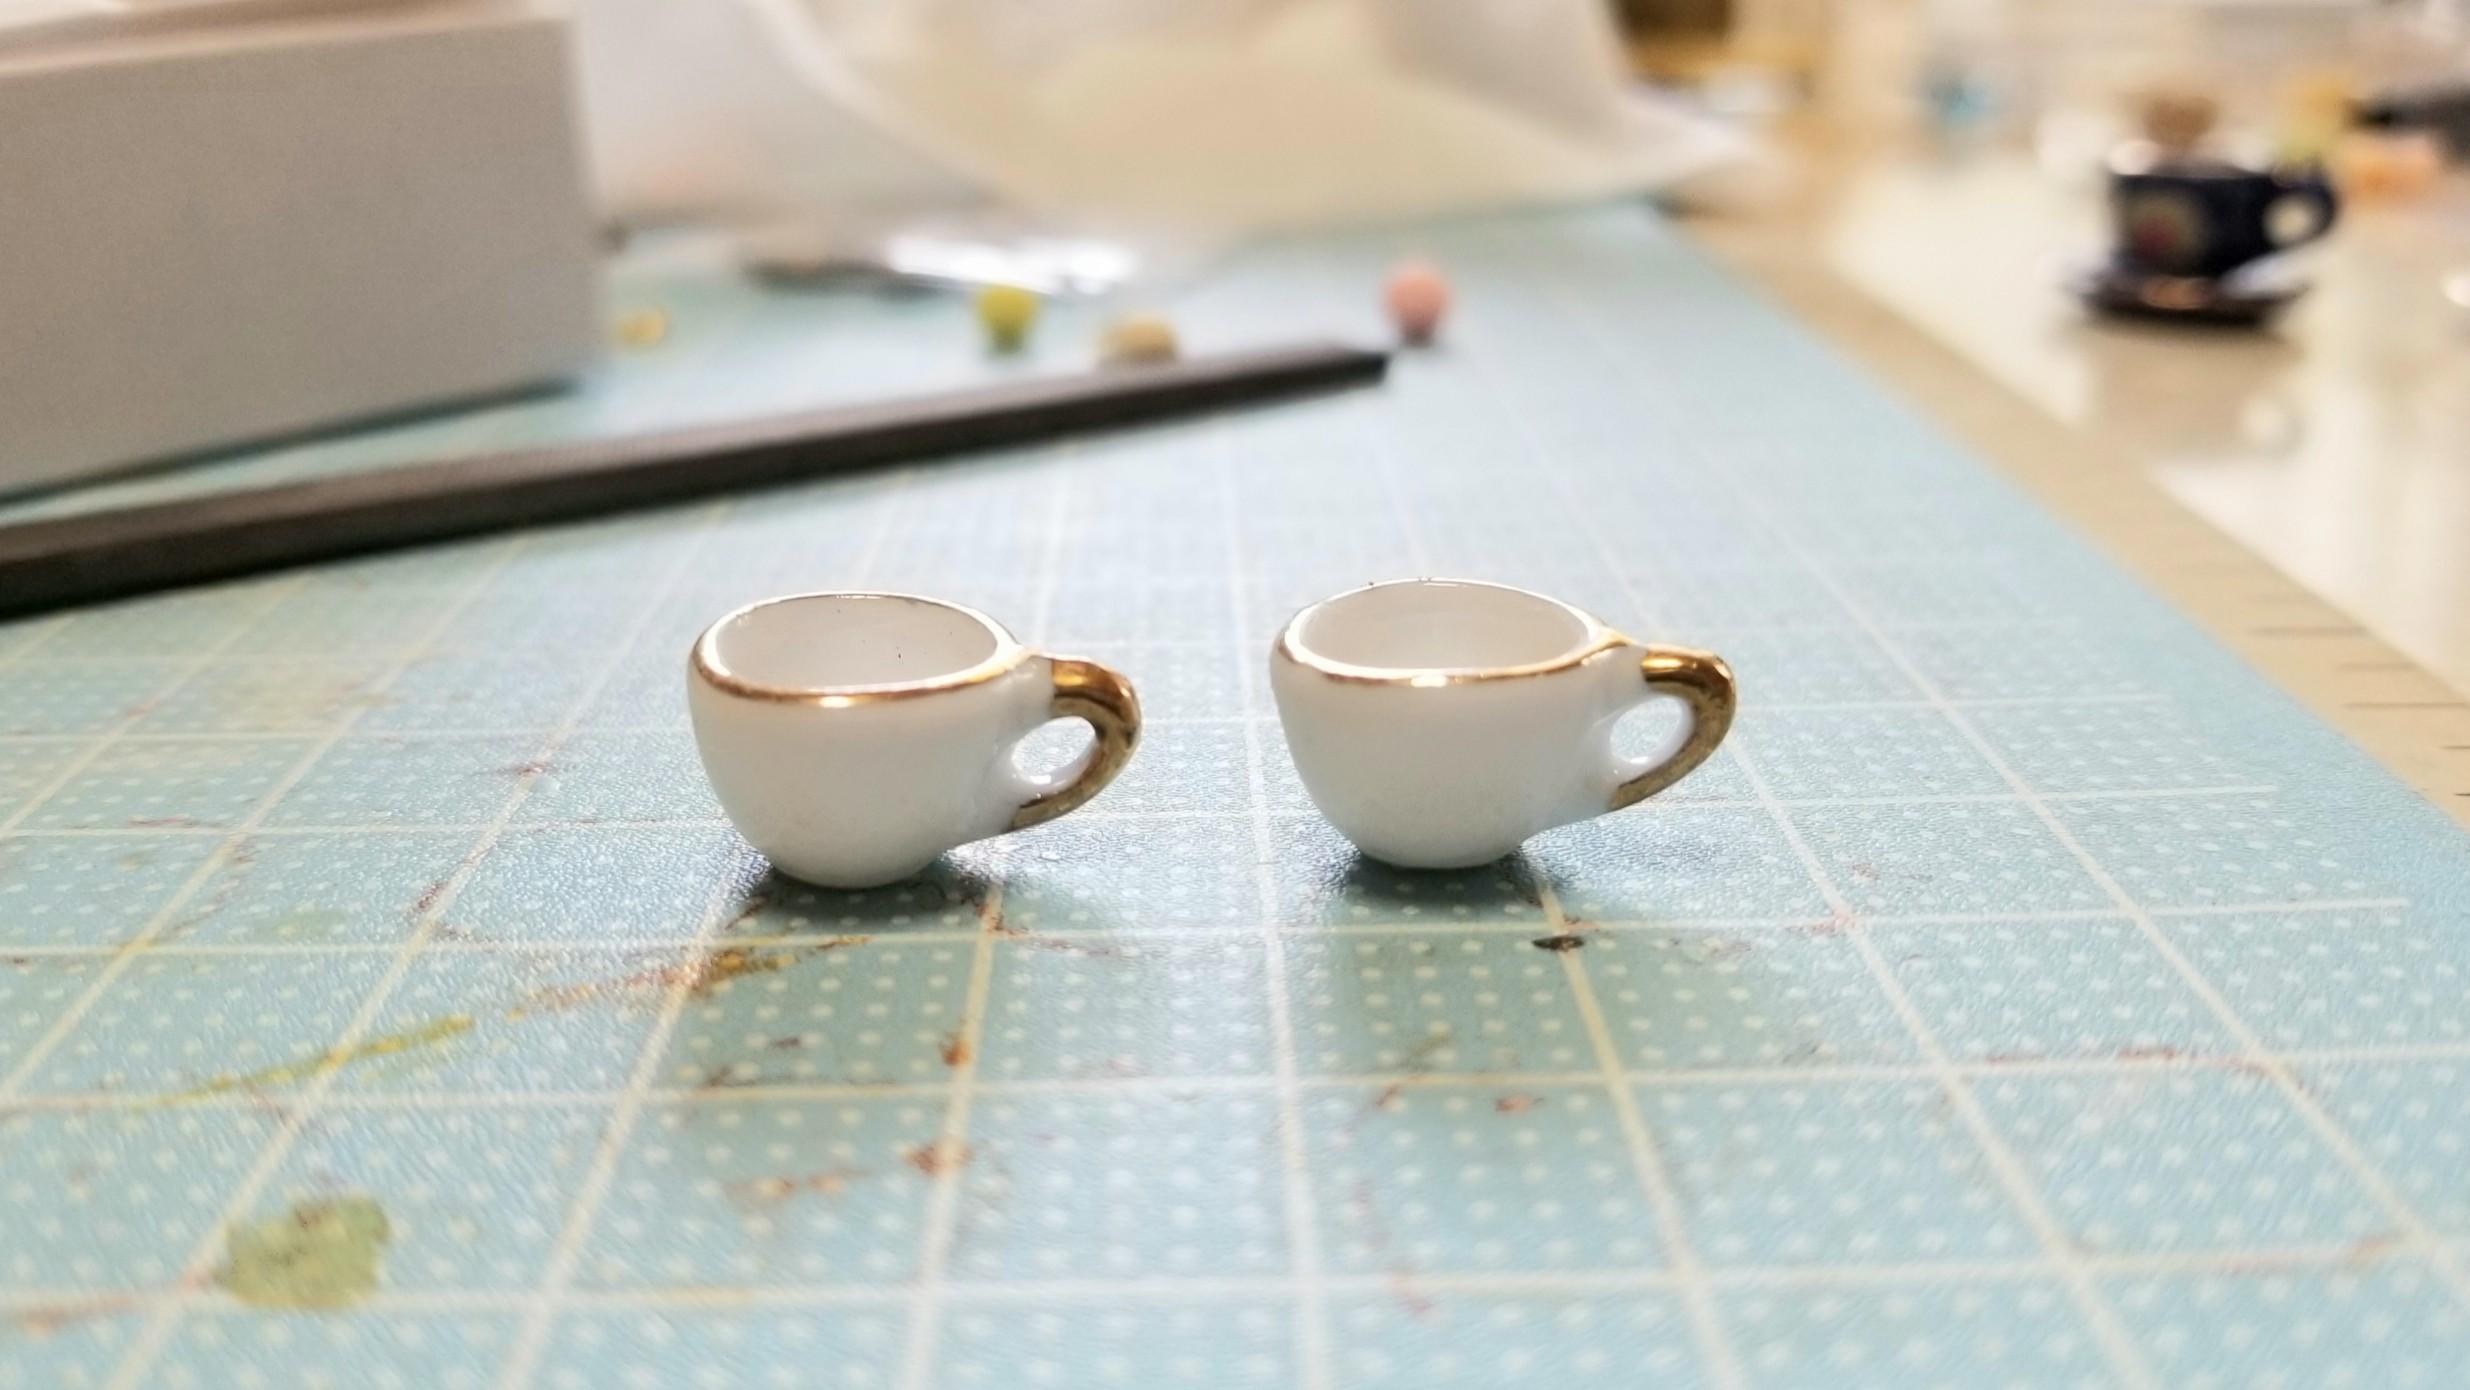 ミニチュアフード陶器のティーカップ飲み物シンプルなドール用品小物